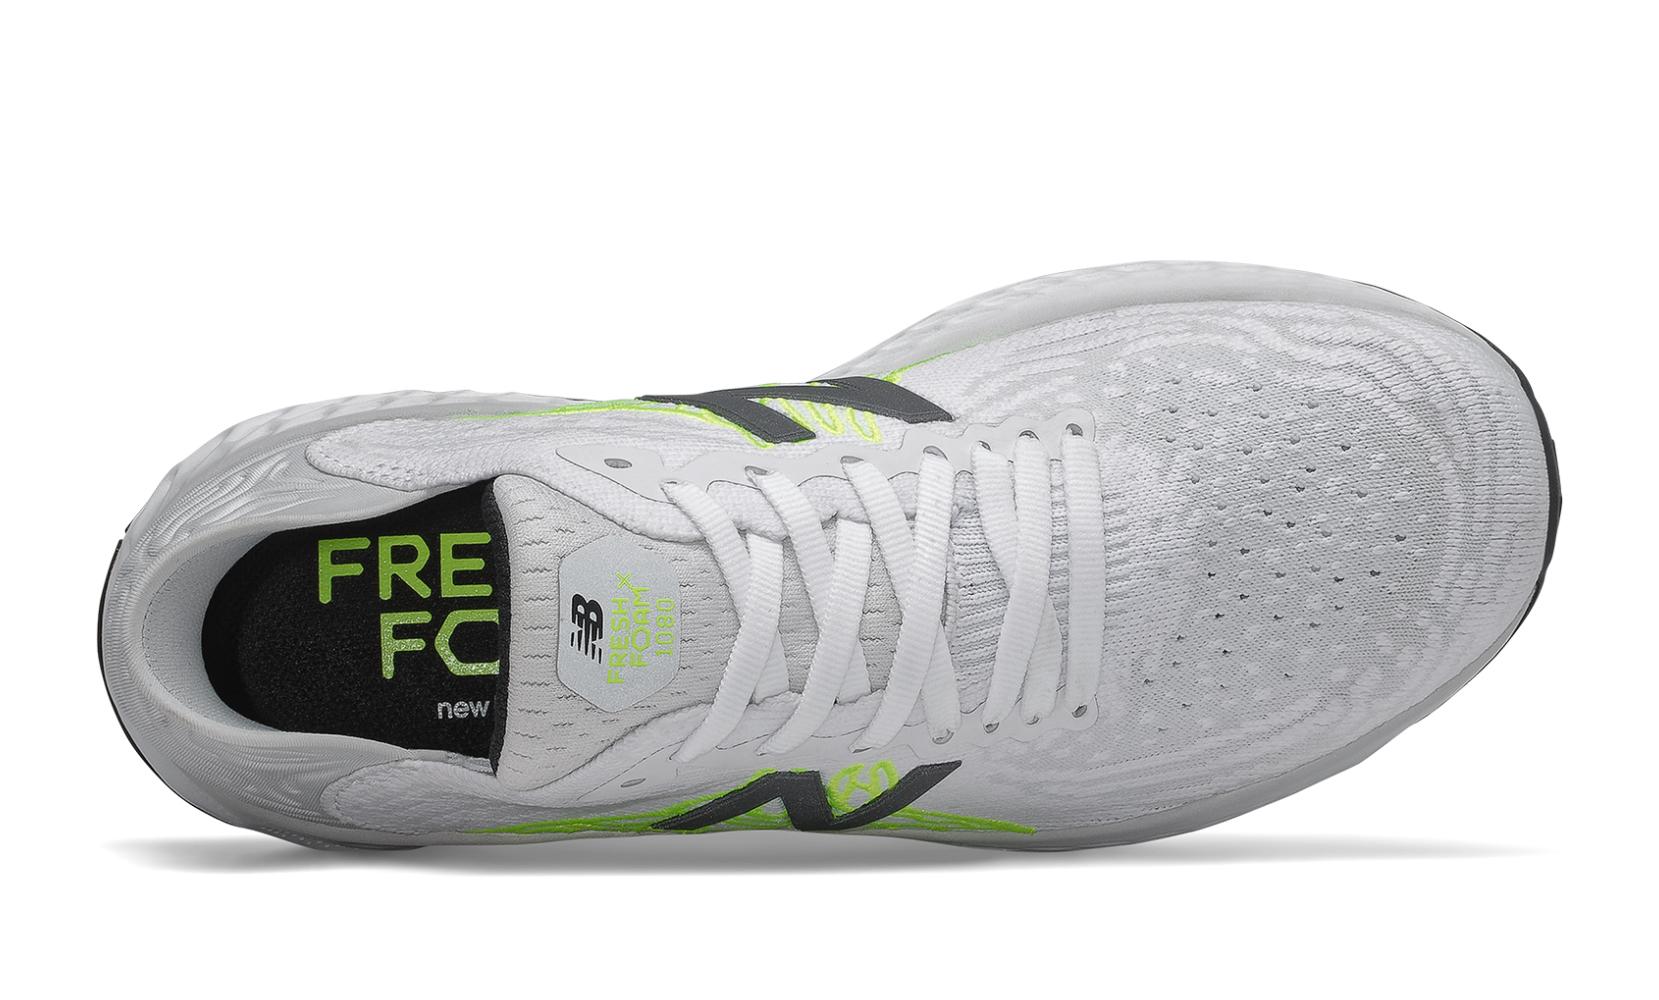 Жіноче взуття для бігу Fresh Foam 1080 v10 W1080C10 | New Balance